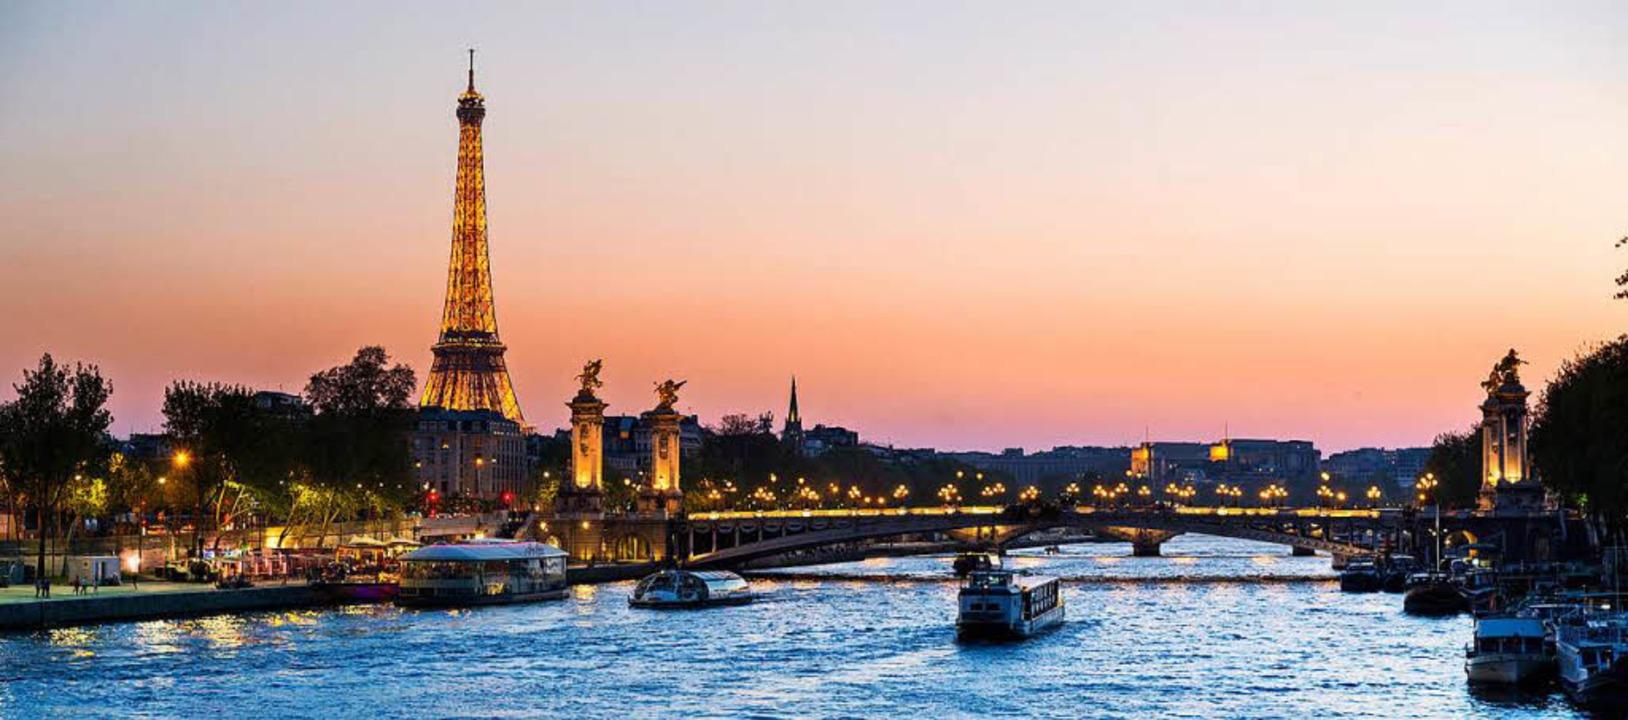 Der Eiffelturm lädt zum Pariser Traum ein.   | Foto: @s4visuals-Fotolia